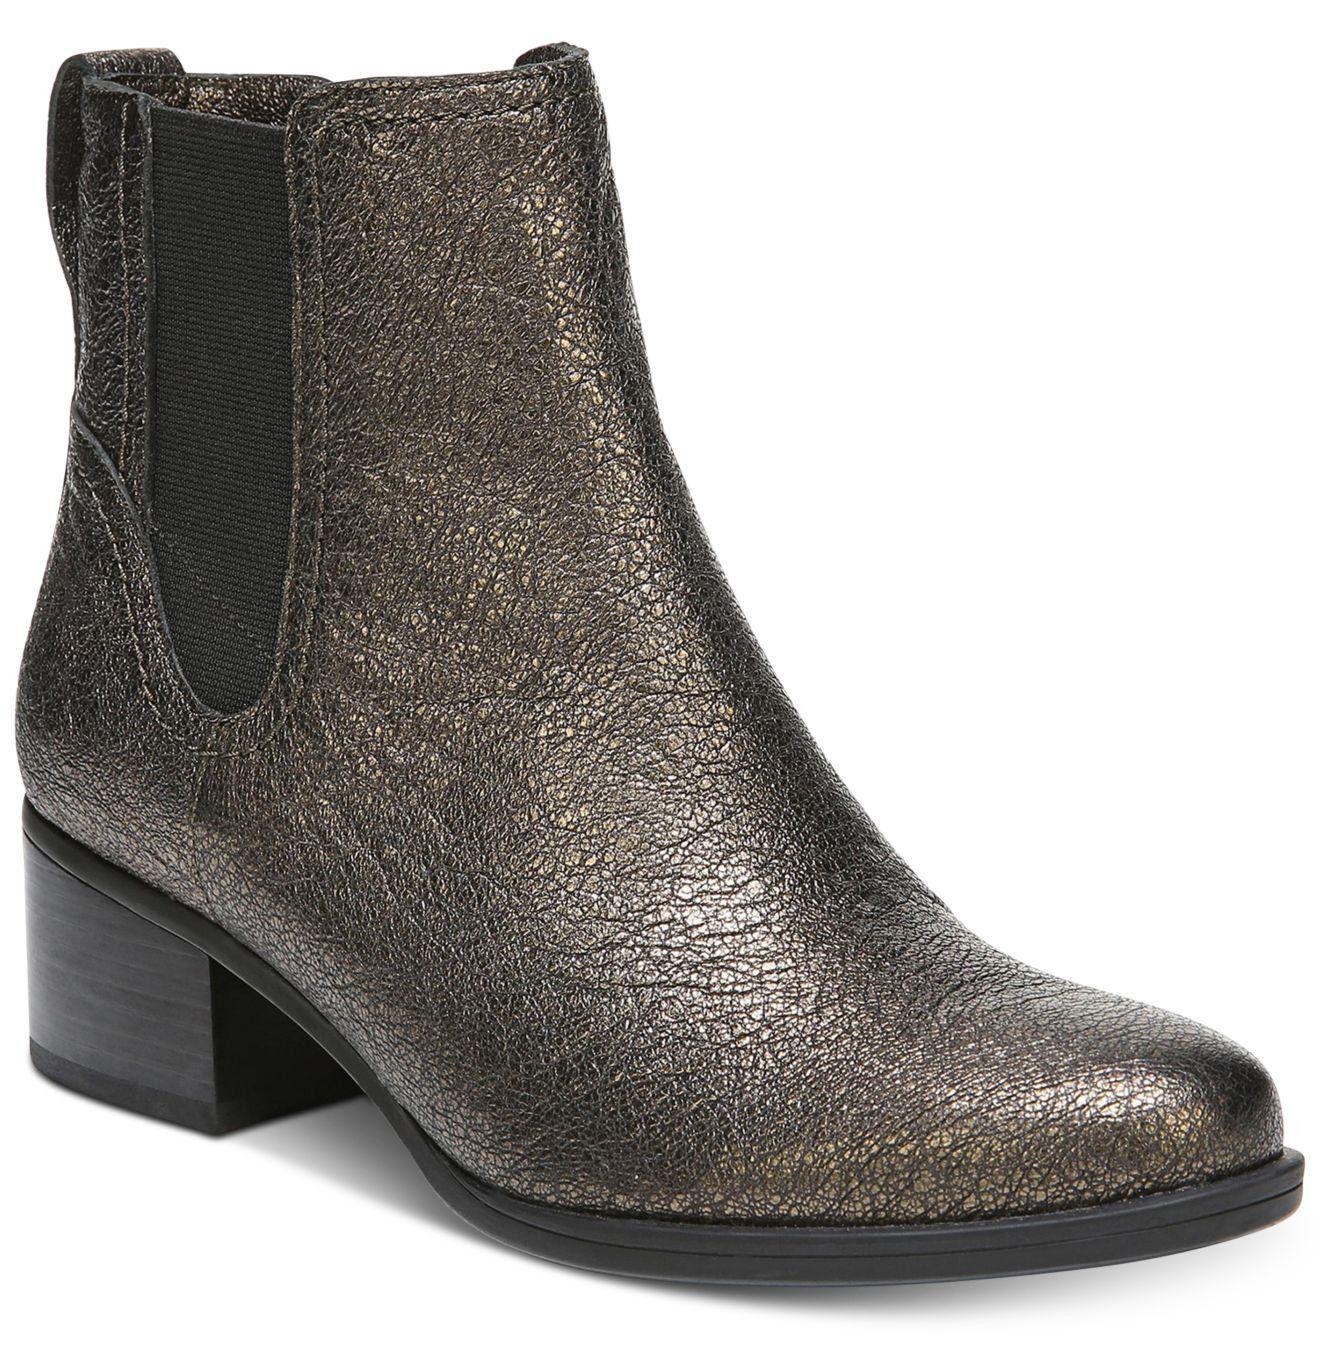 Nuevo Naturalizer Dallas Chelsea Tirar-en Tirar-en Tirar-en el tobillo bota de cuero US 7.5 Bronce Metálico  garantizado